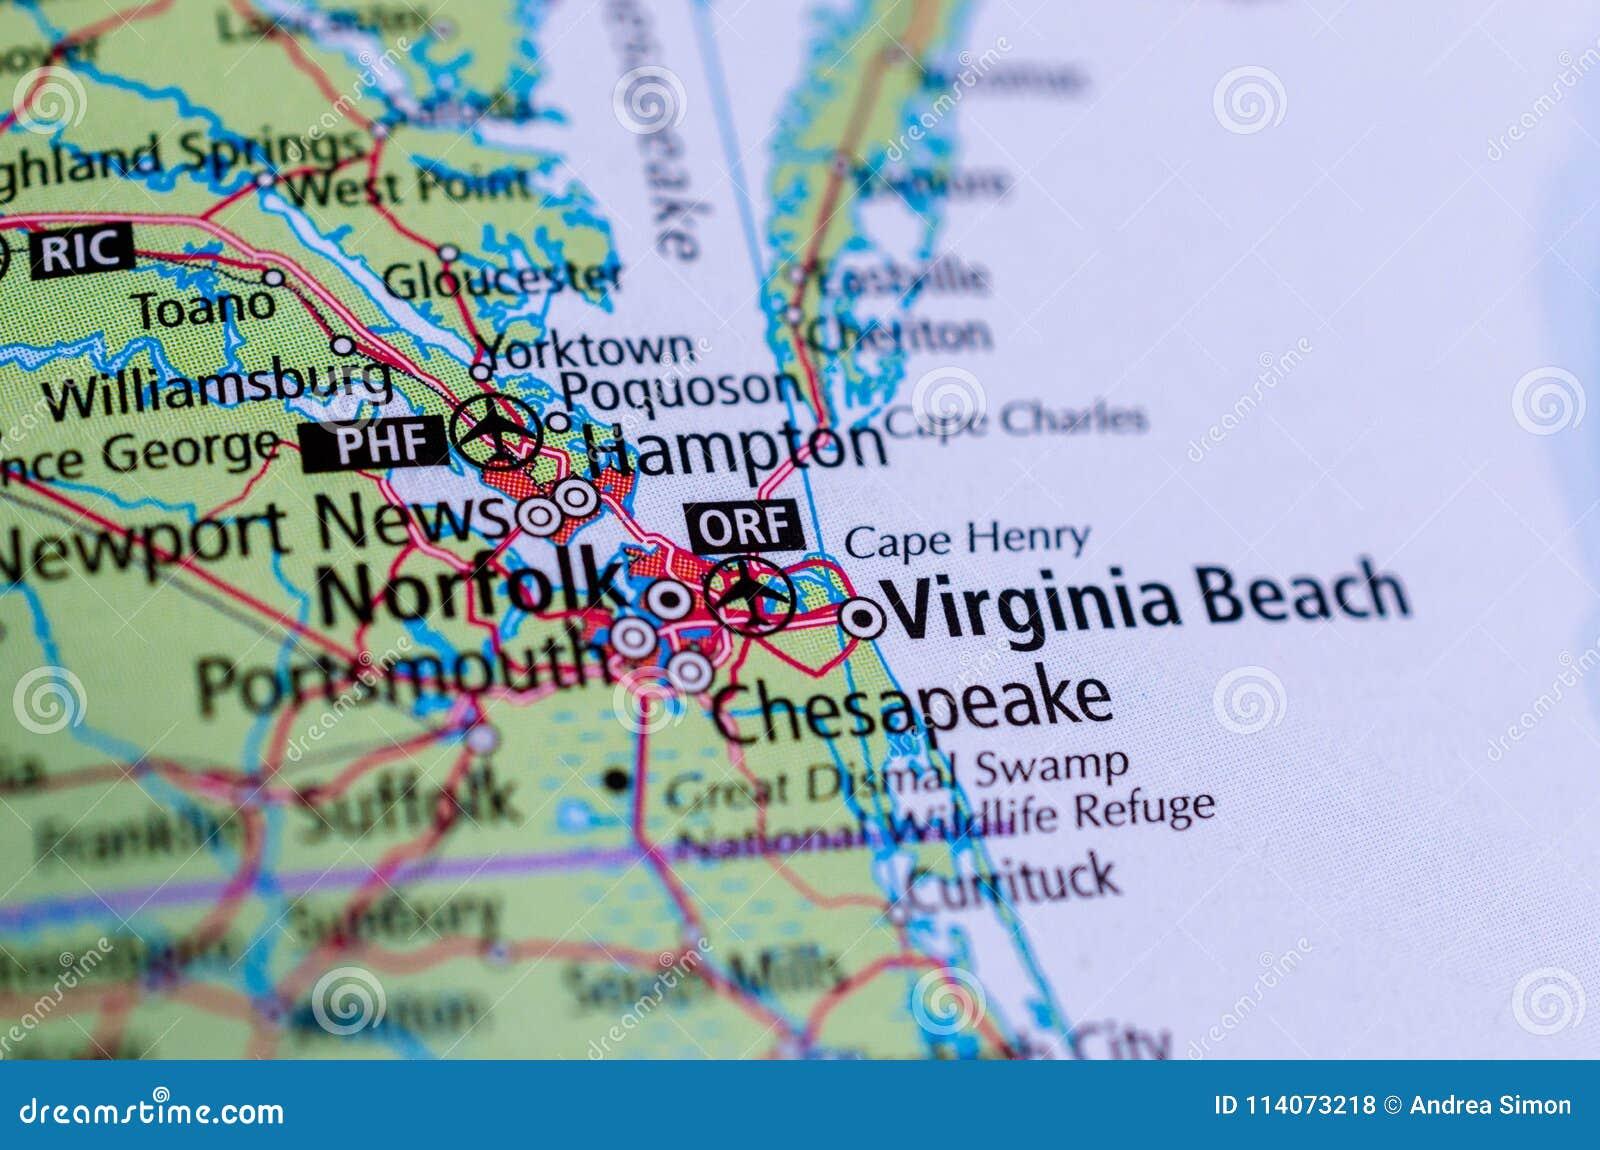 Παραλία της Βιρτζίνια, Βιρτζίνια στο χάρτη